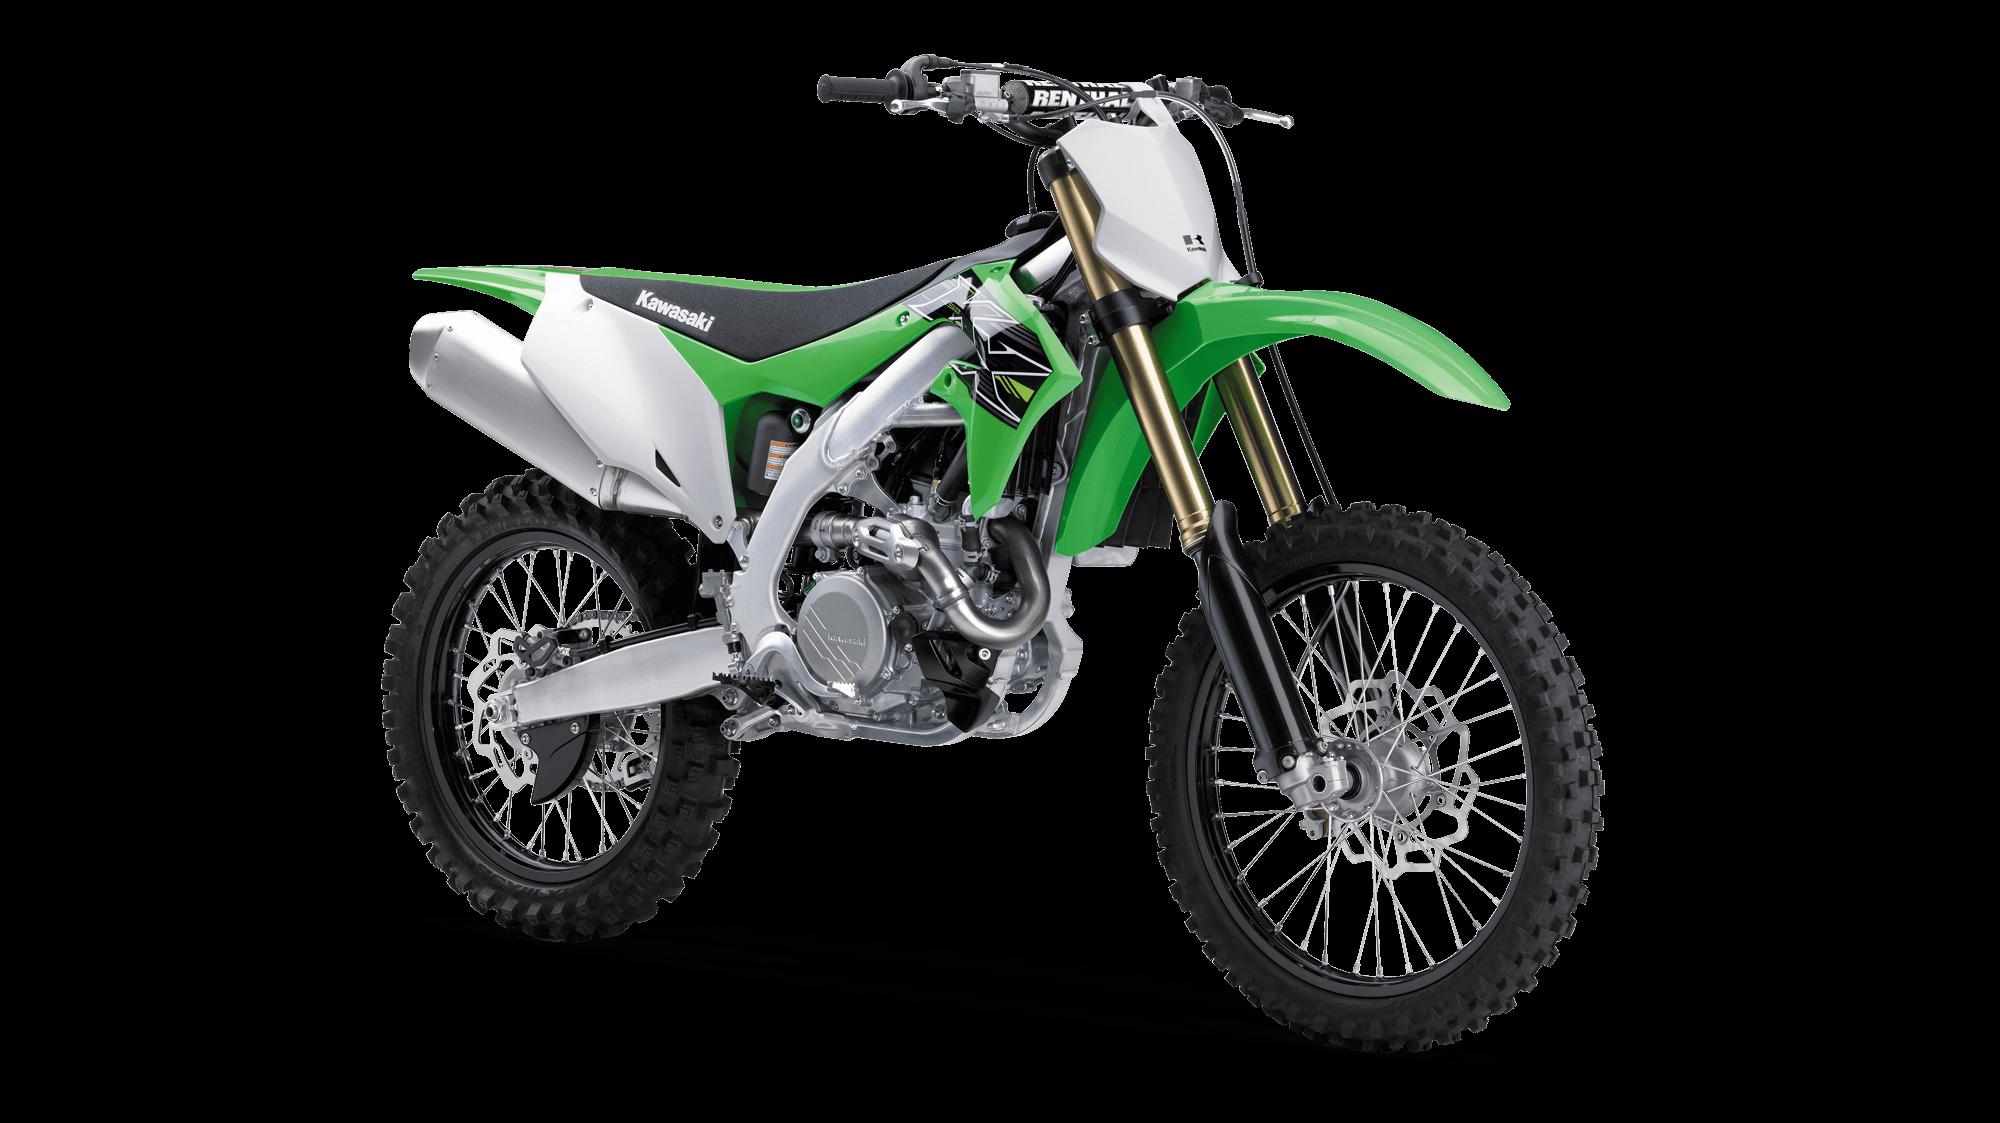 2019 Kx 450 Kx Motorcycle By Kawasaki